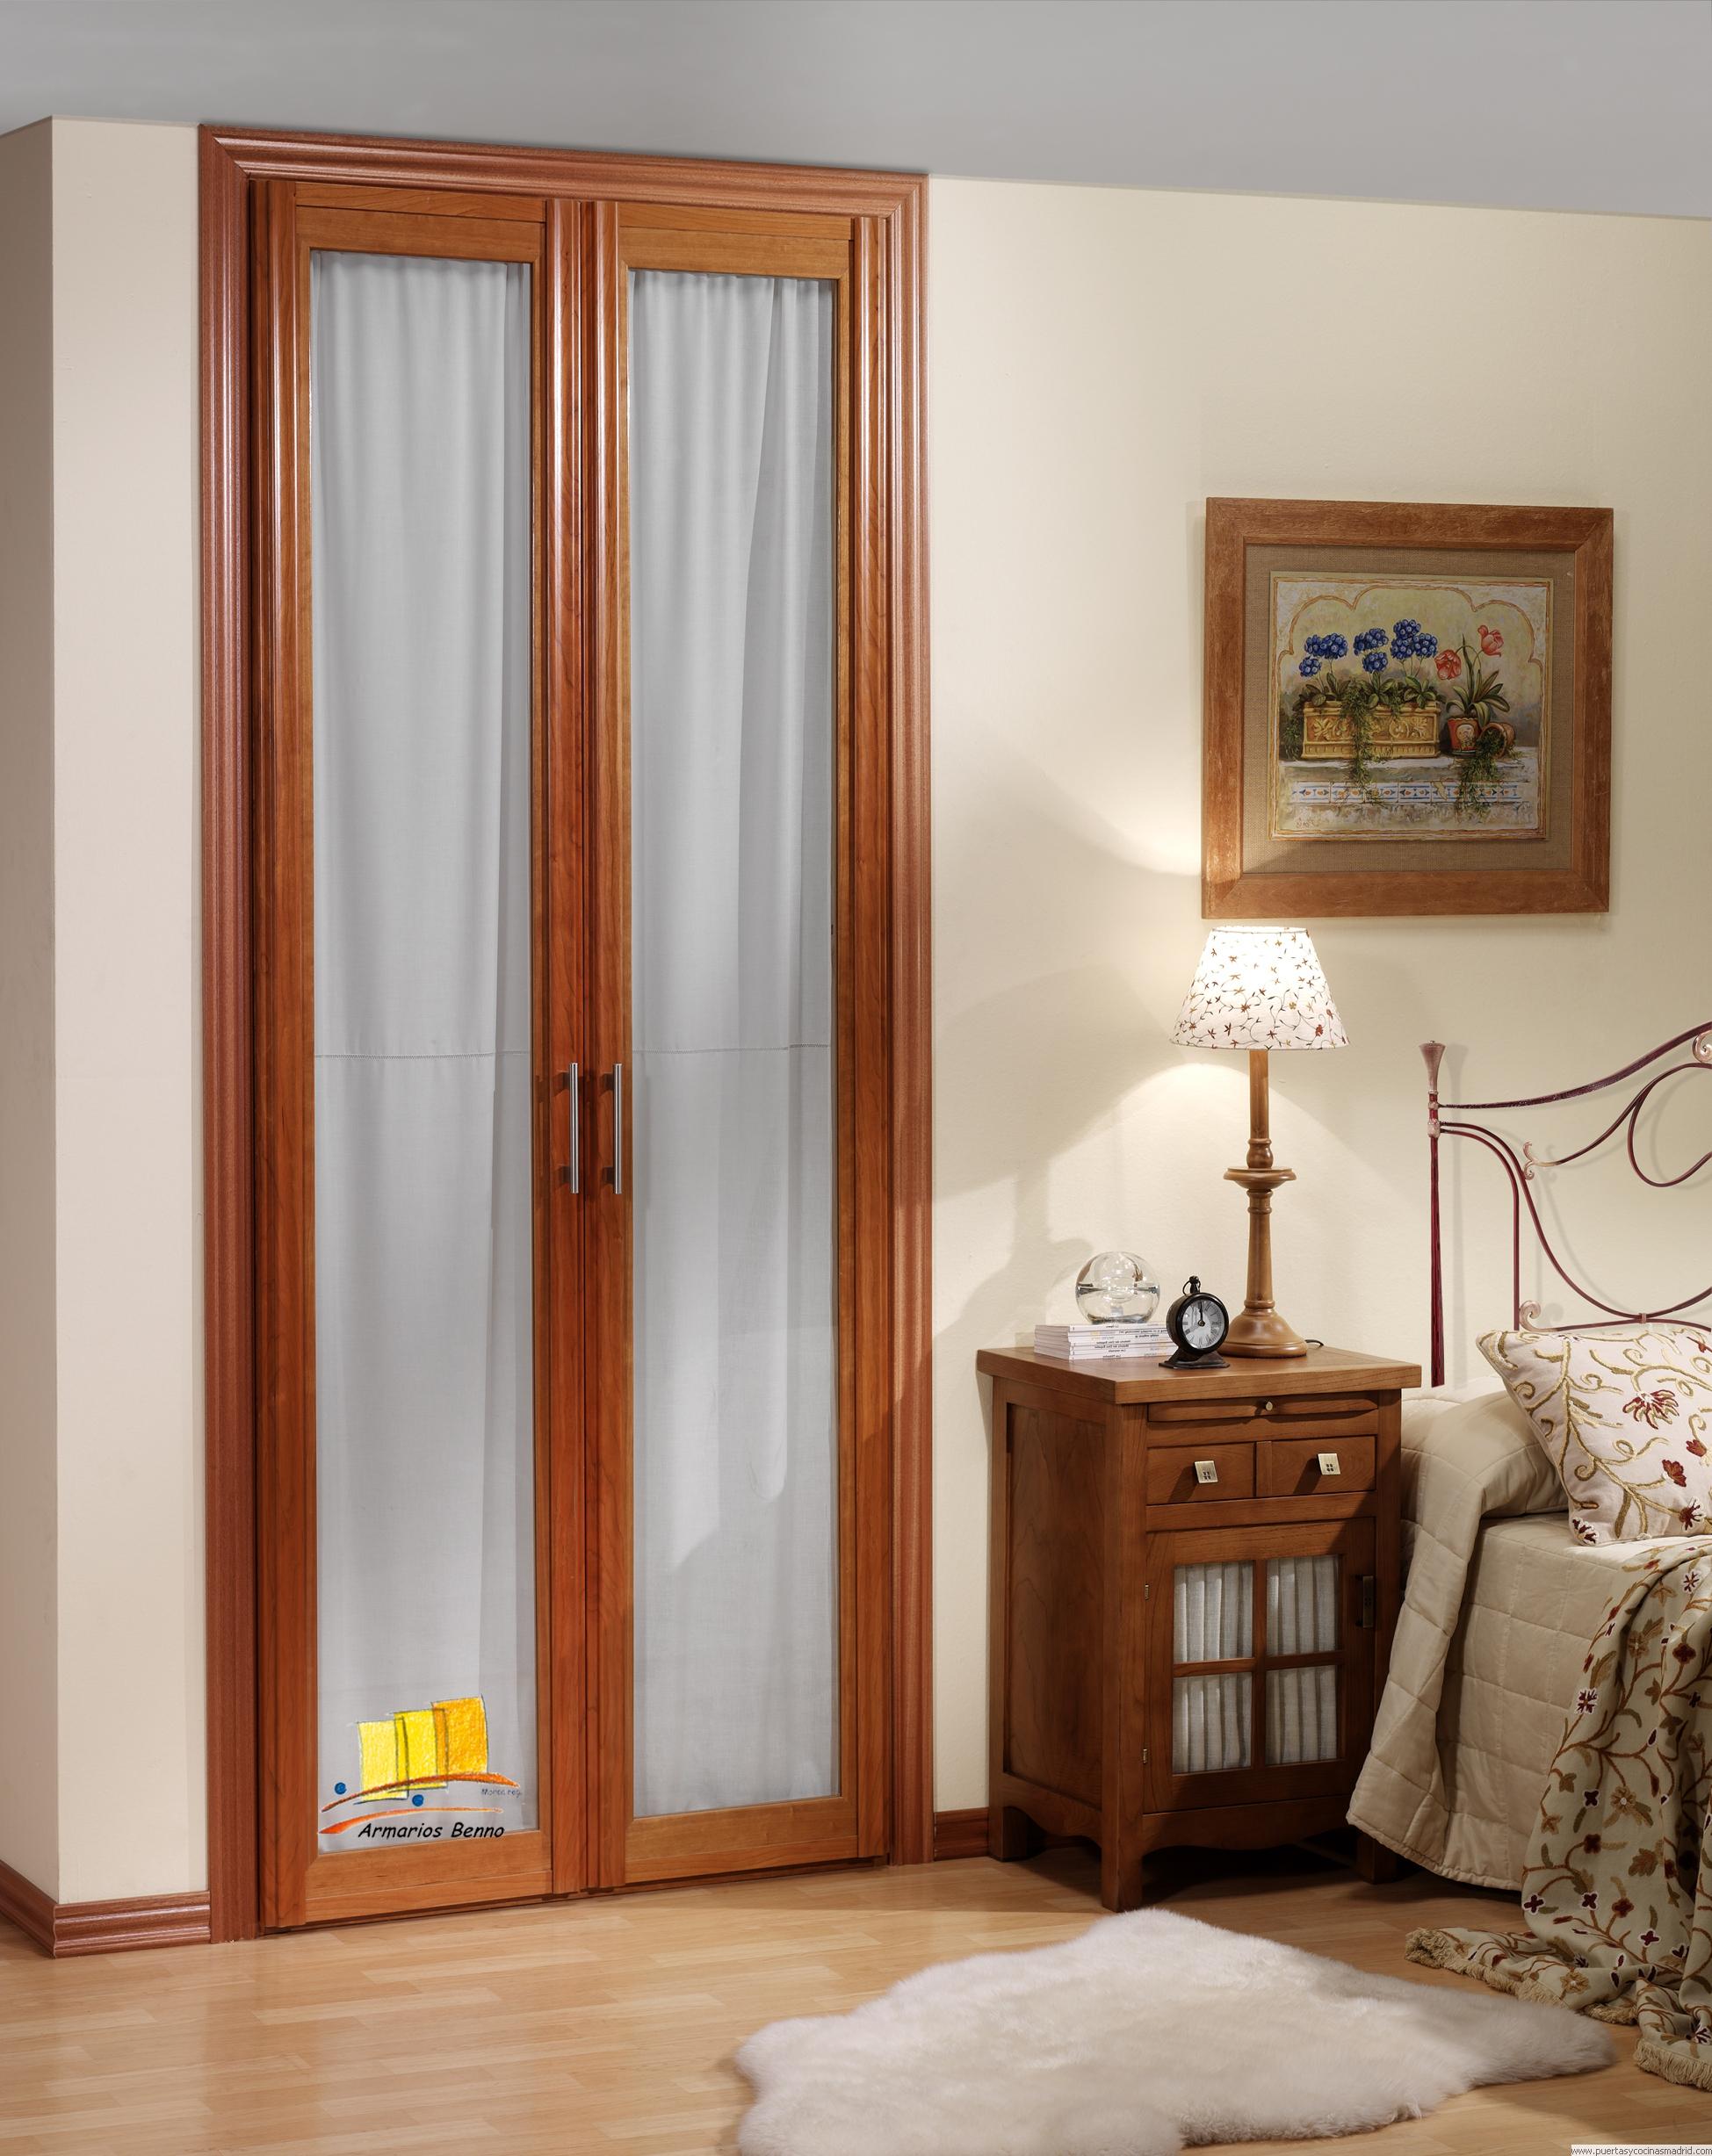 Armarios interior madrid armarios baratos comprar armarios Decoracion puertas interior